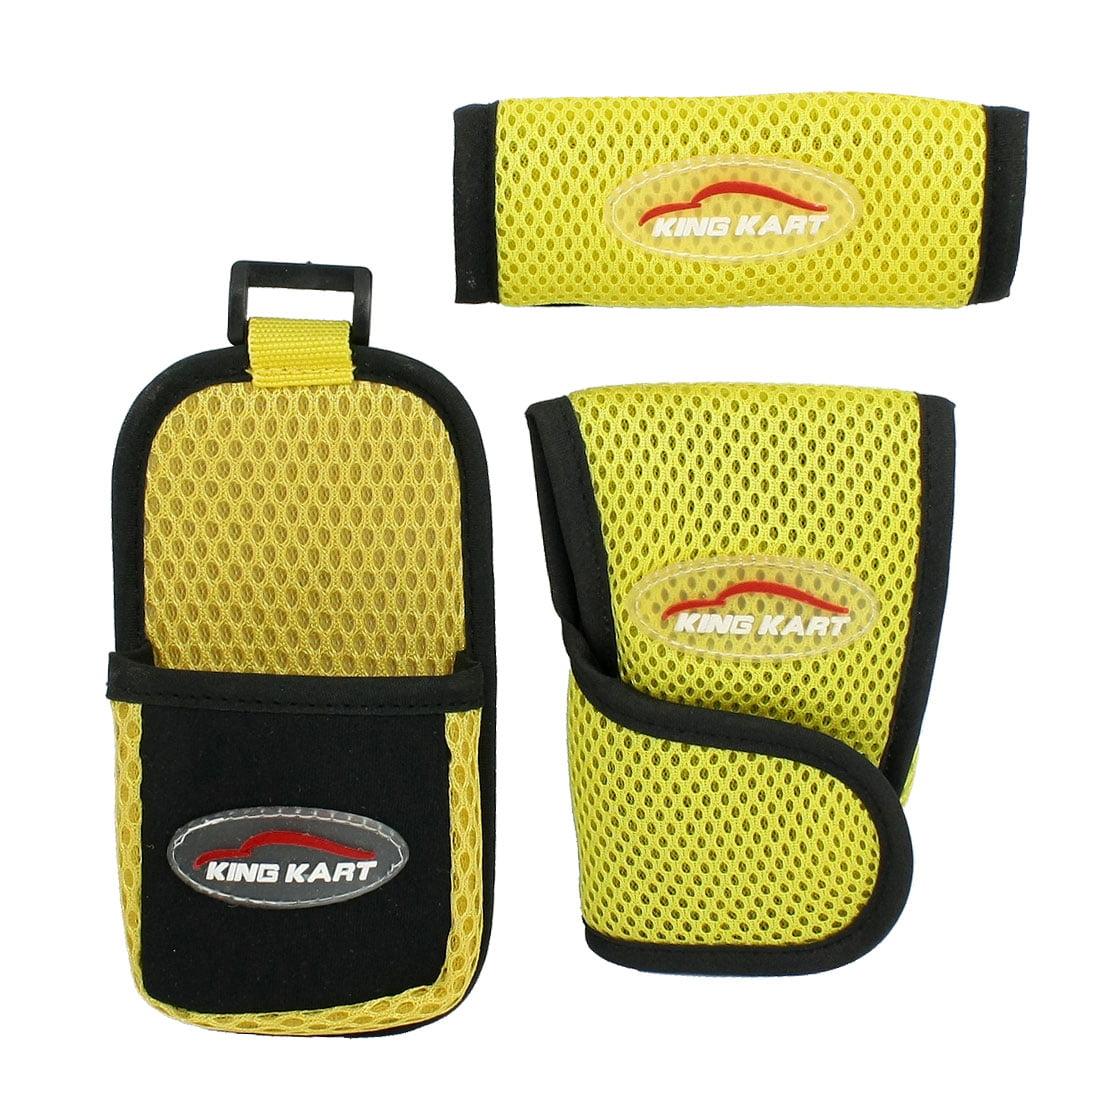 Unique Bargains Unique Bargains Detachable Closure Yellow Black Mesh Steering Wheel Shift Knob Cover Kit for Car - image 1 de 1